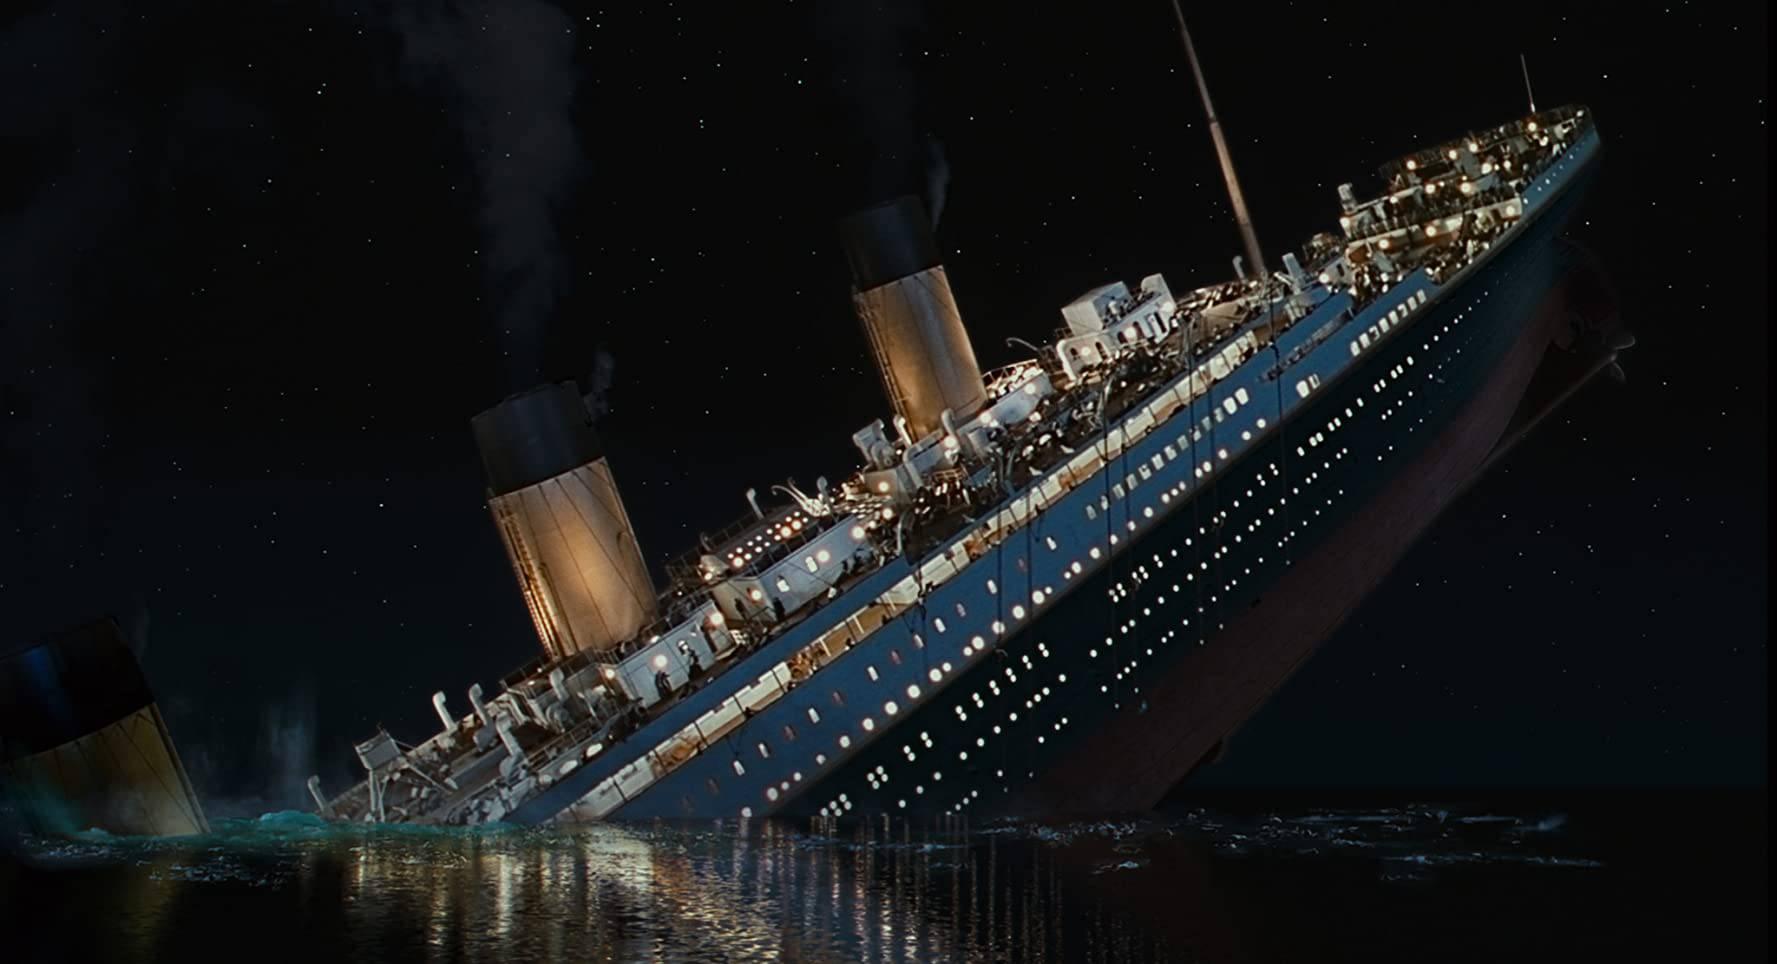 Tajna je bila strogo čuvana: Što su radili s leševima s Titanica?